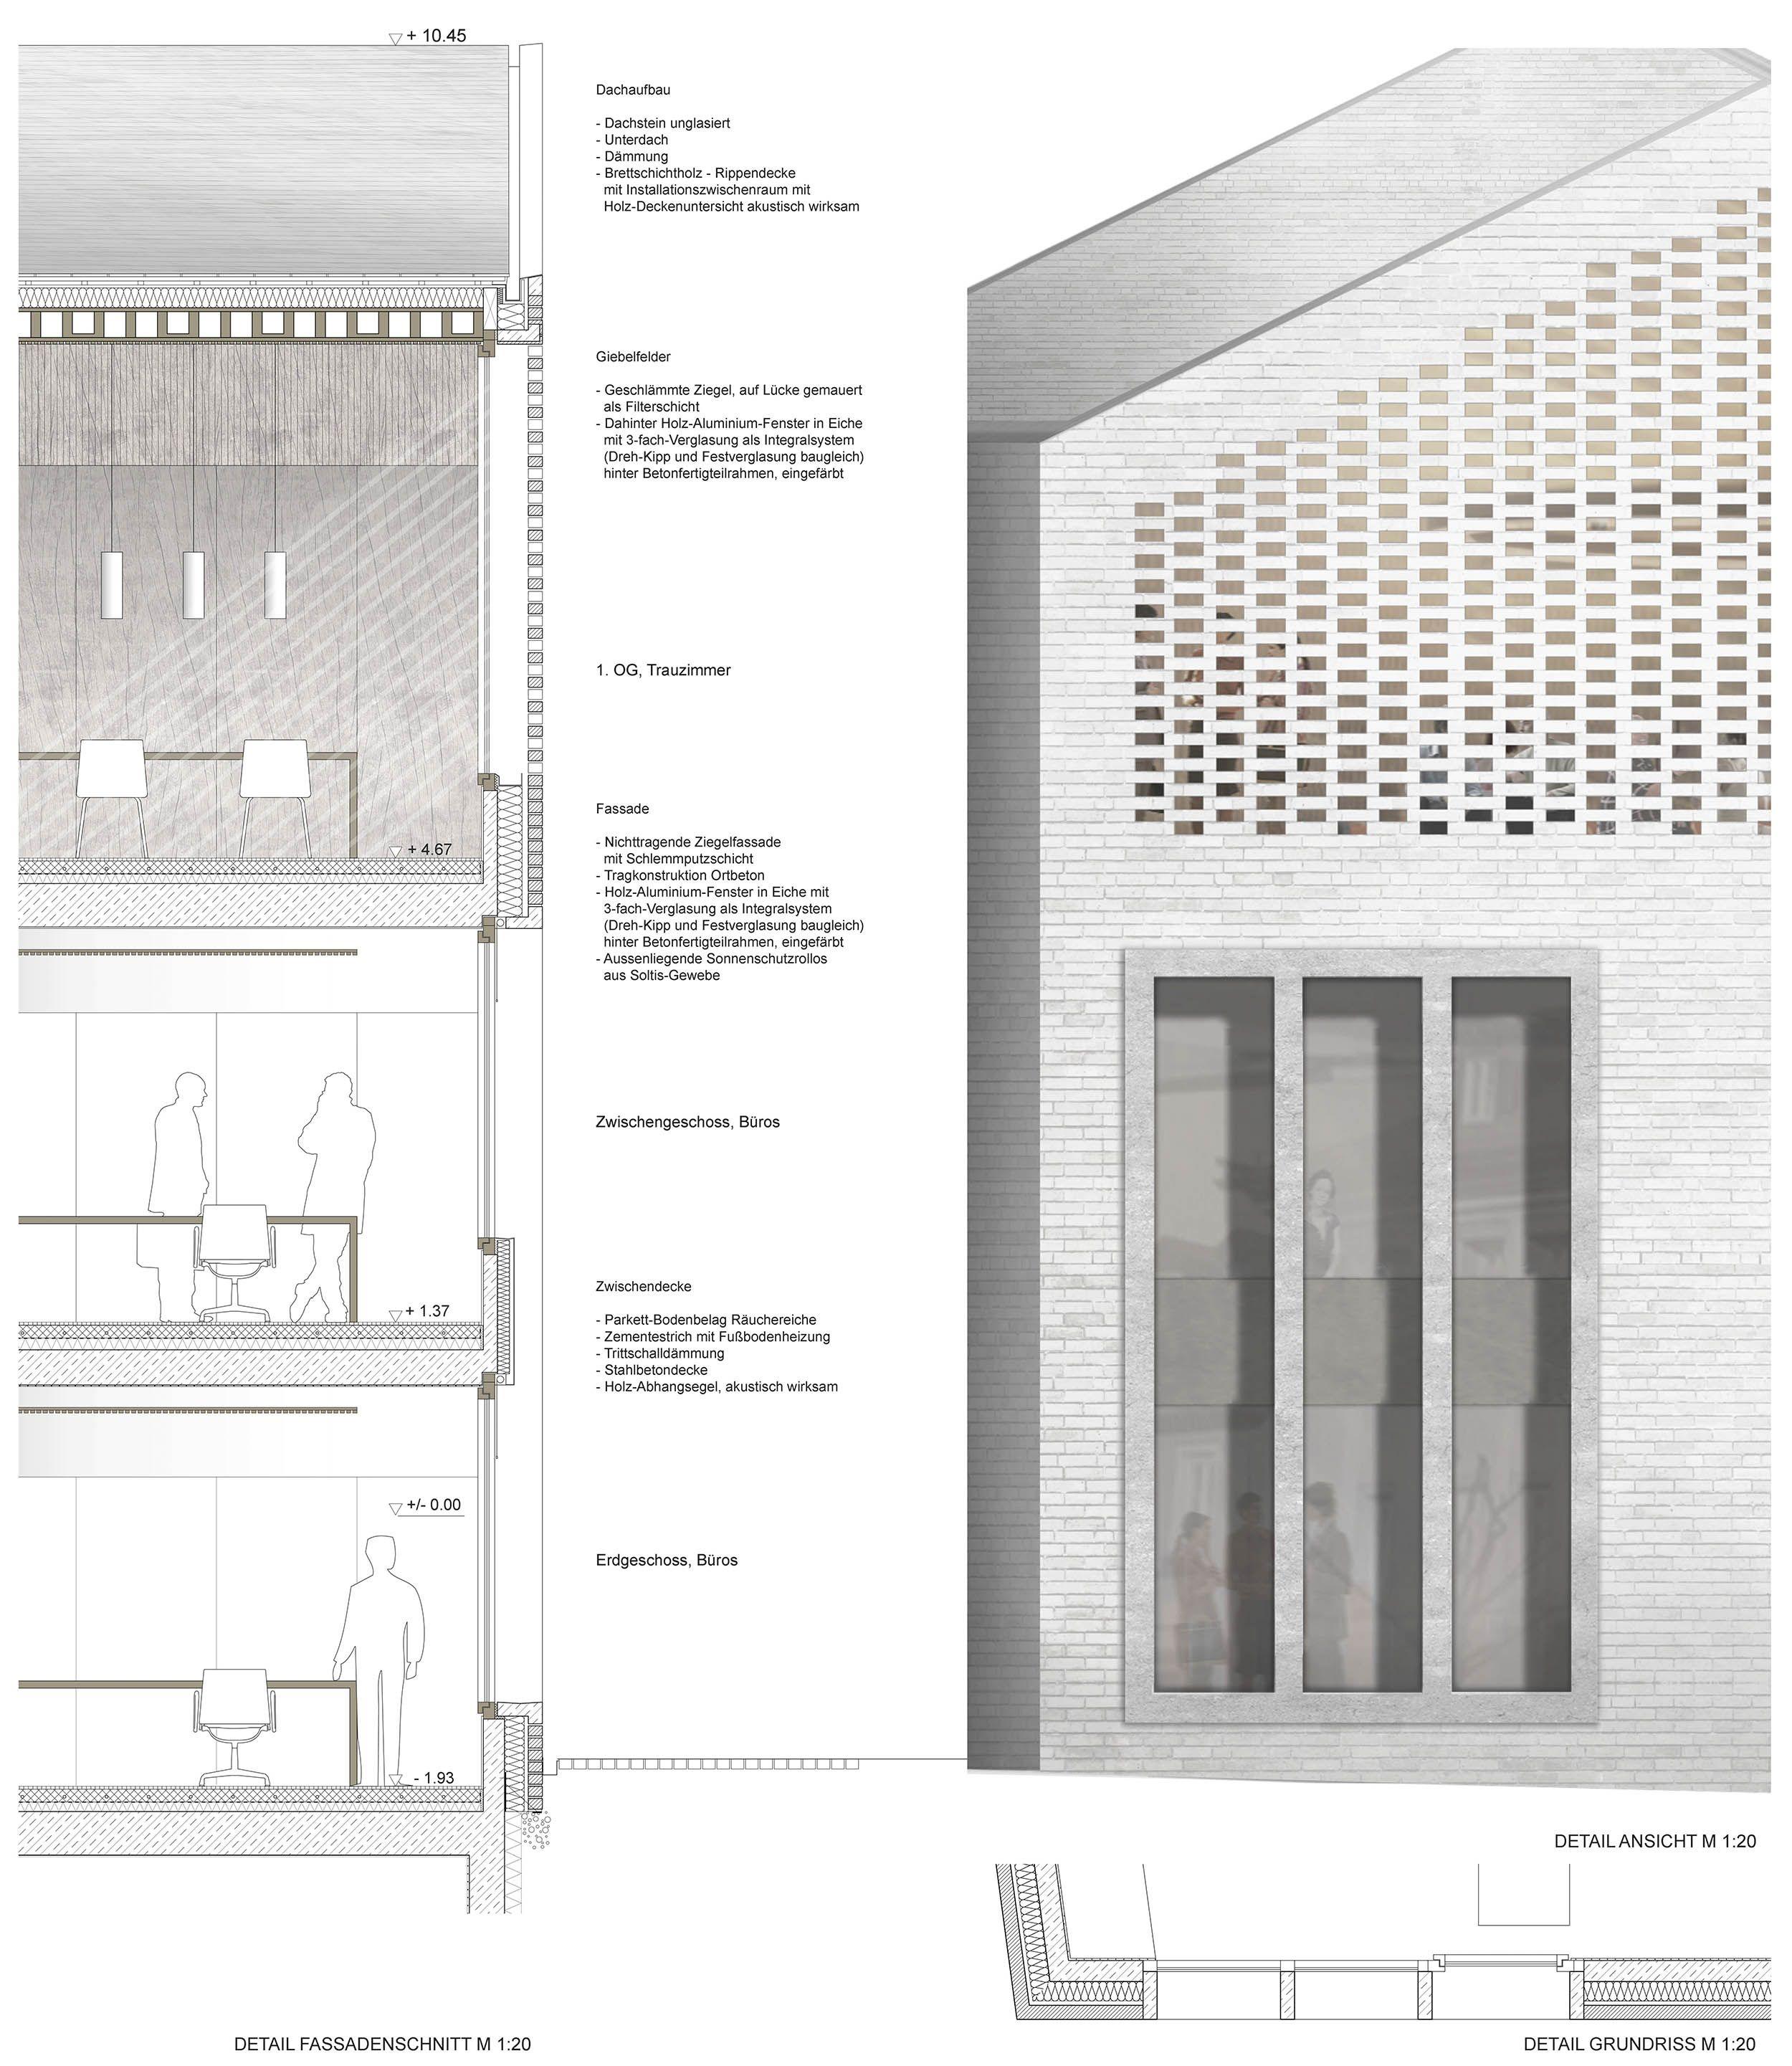 Erweiterung Rathaus 1 Preis Details Fassade C Bembe Dellinger Https Www Competitionline Com De Ergeb Fassadenschnitt Architektur Zeichnungen Architektur